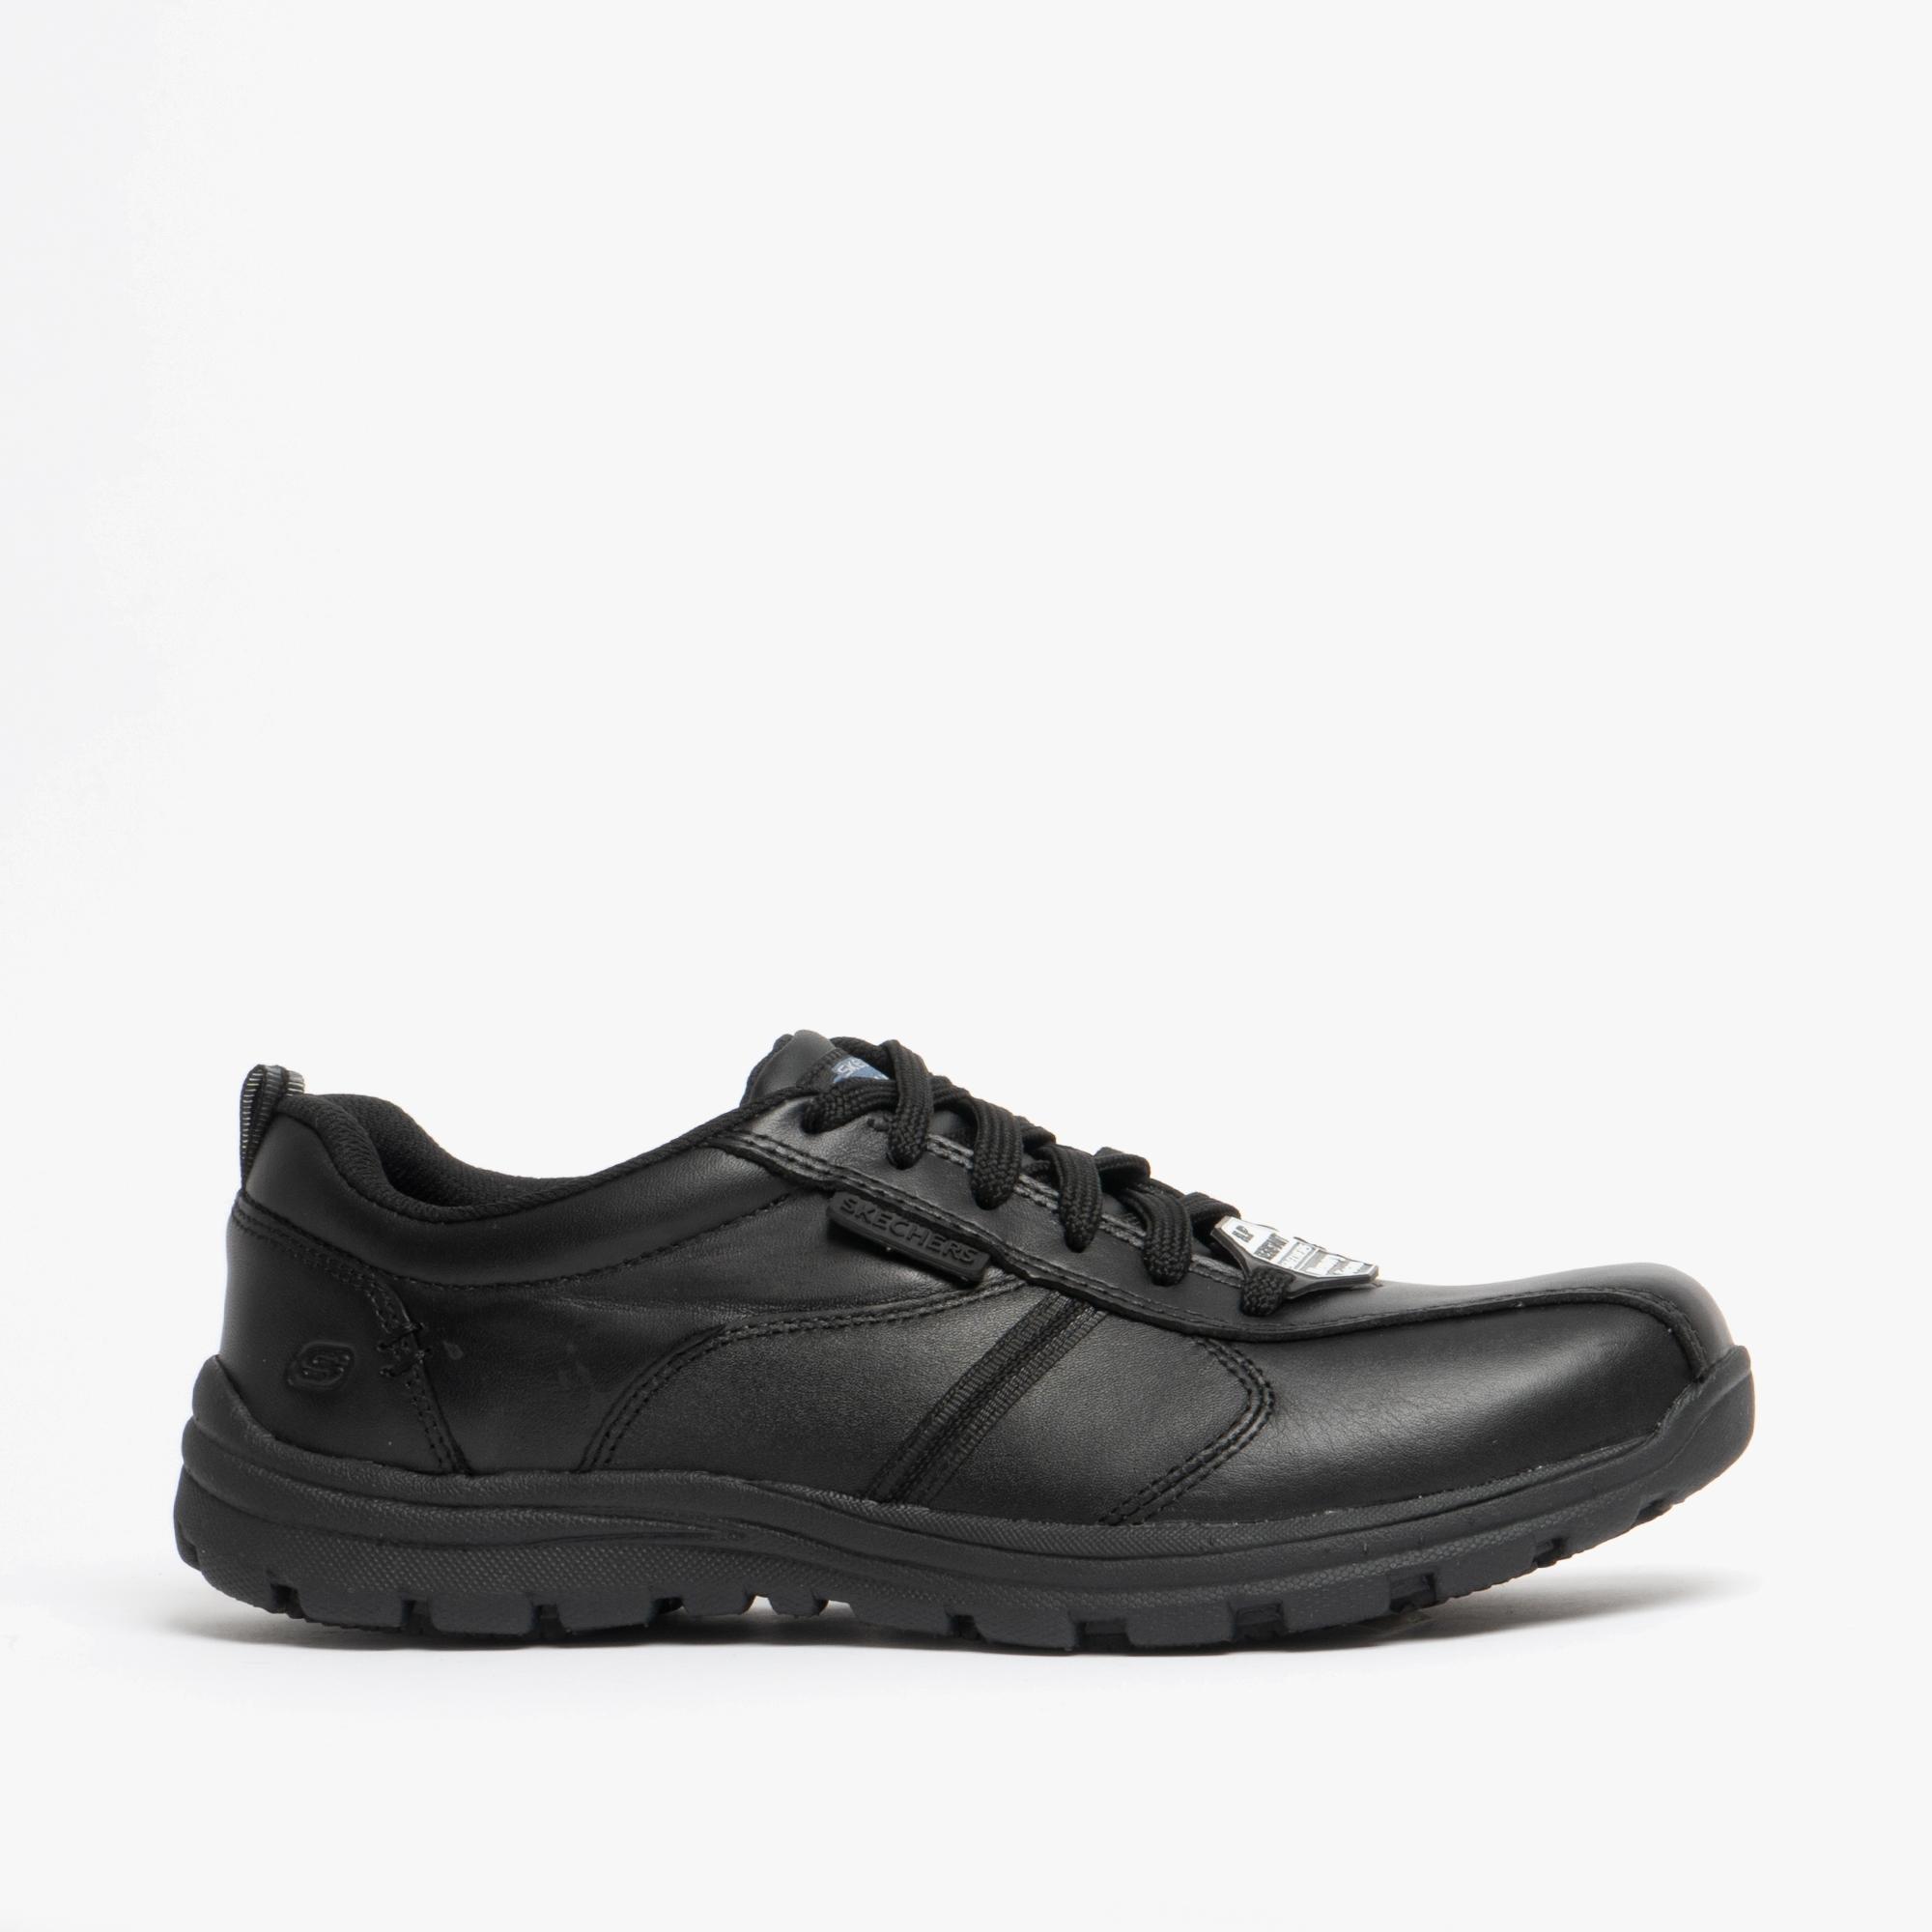 mens black sketcher shoes